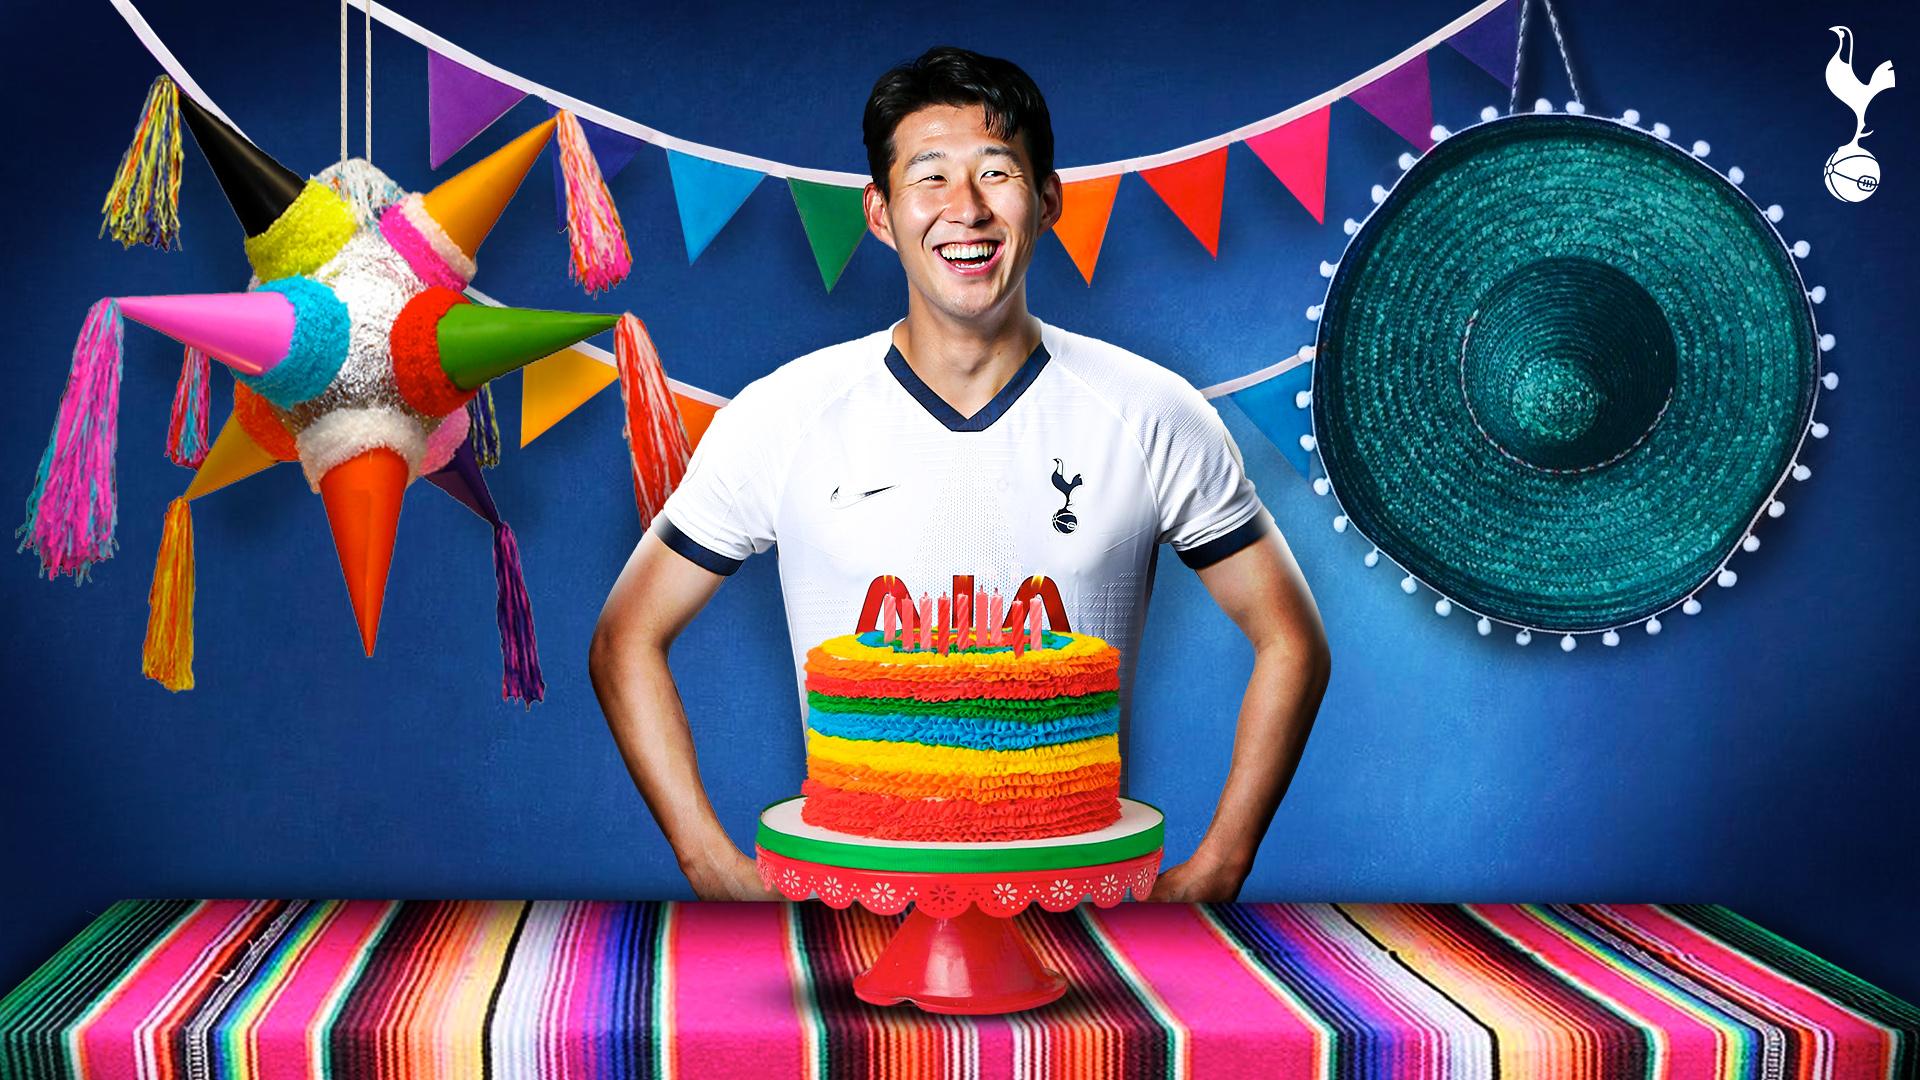 官方玩梗!热刺发创意海报:墨西哥球星孙兴慜生日快乐